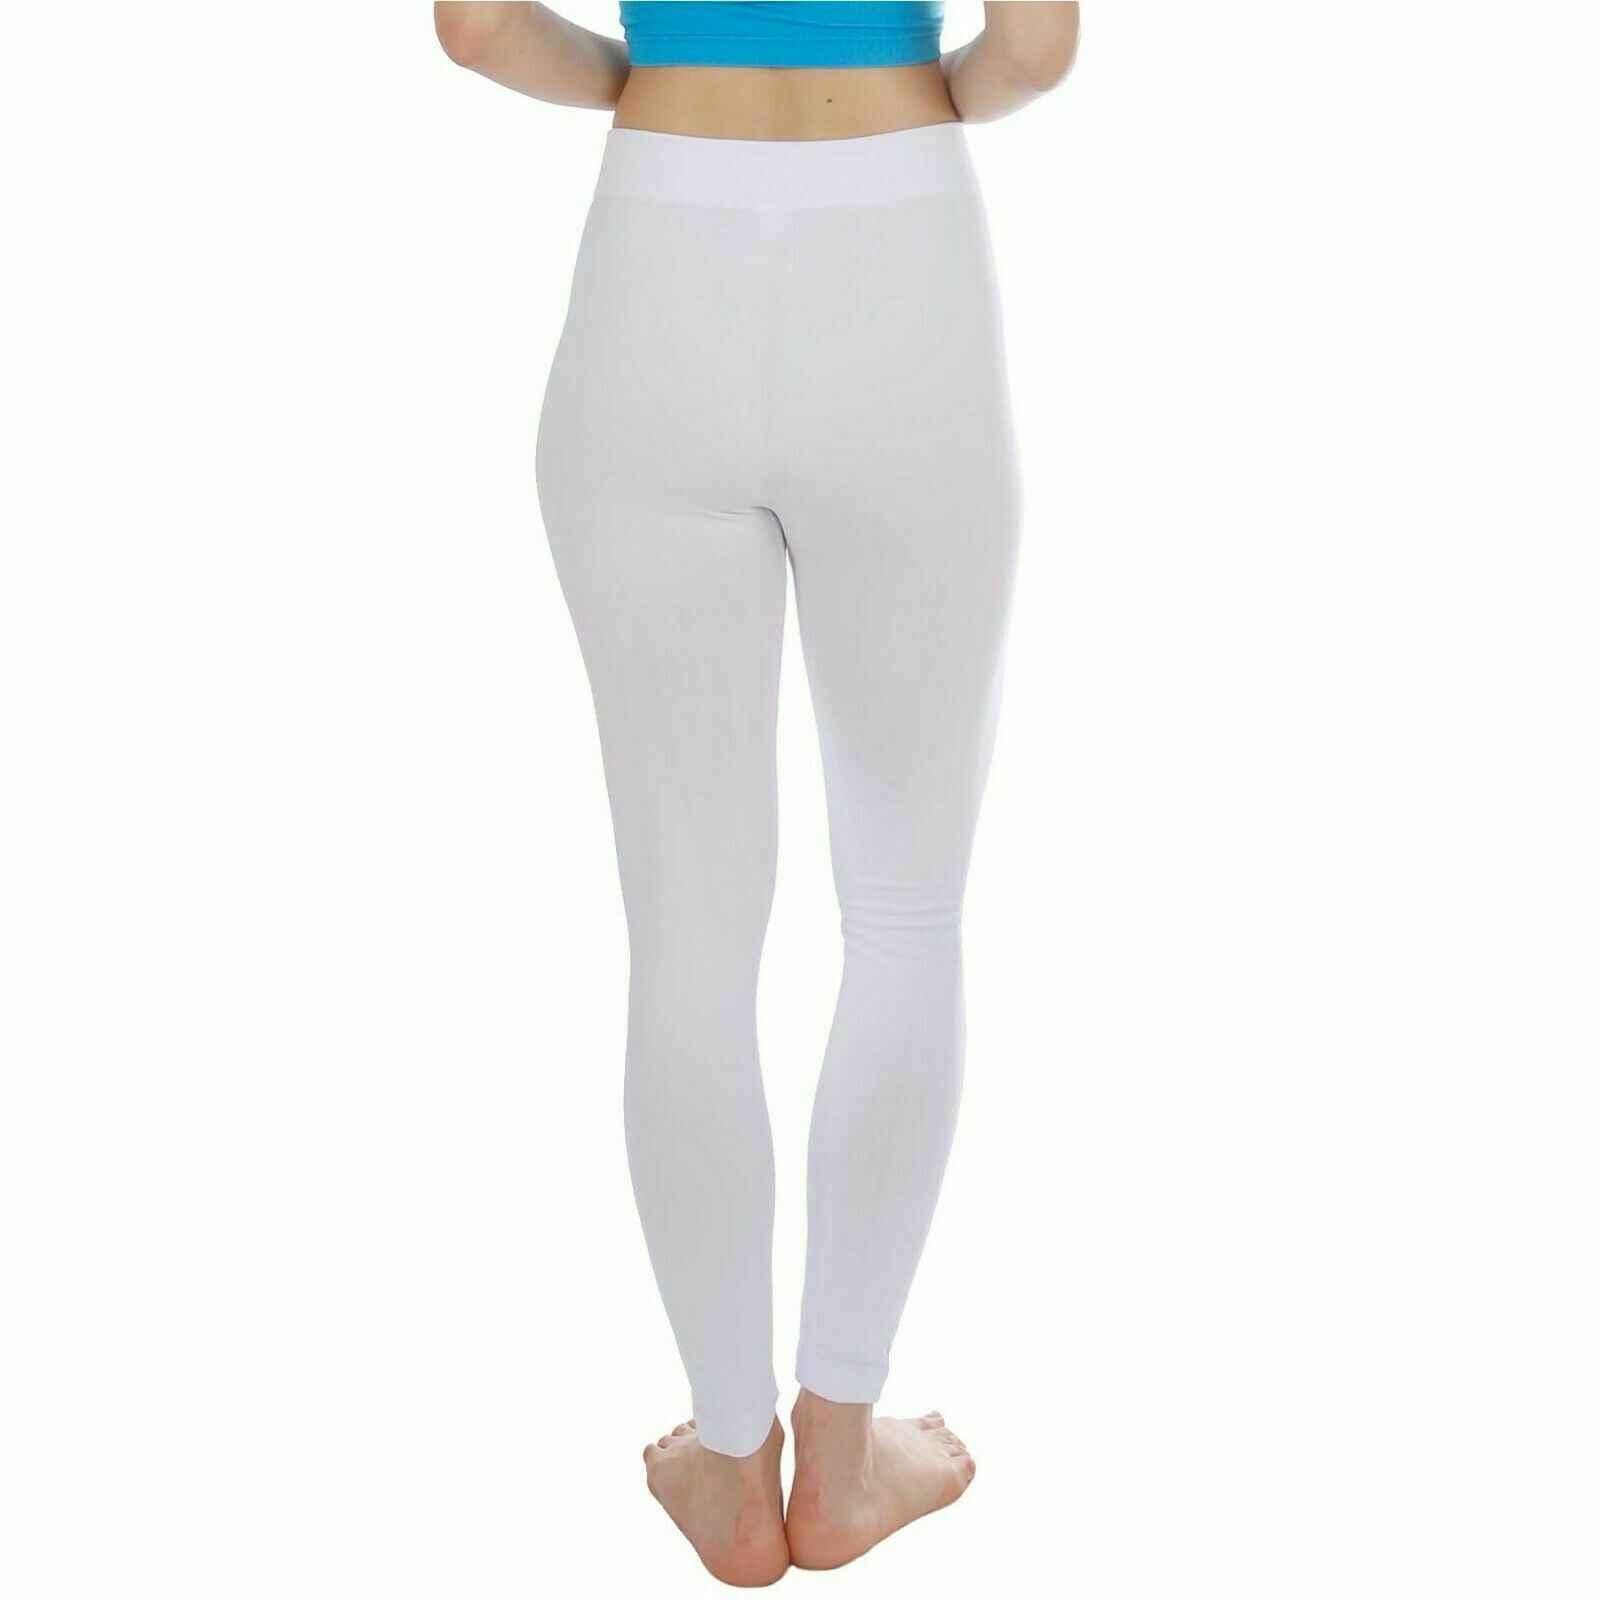 Nueva moda mujer otoño invierno cálido Stretch Leggings longitud completa Slim Leggings entrenamiento pantalones de realce negro blanco